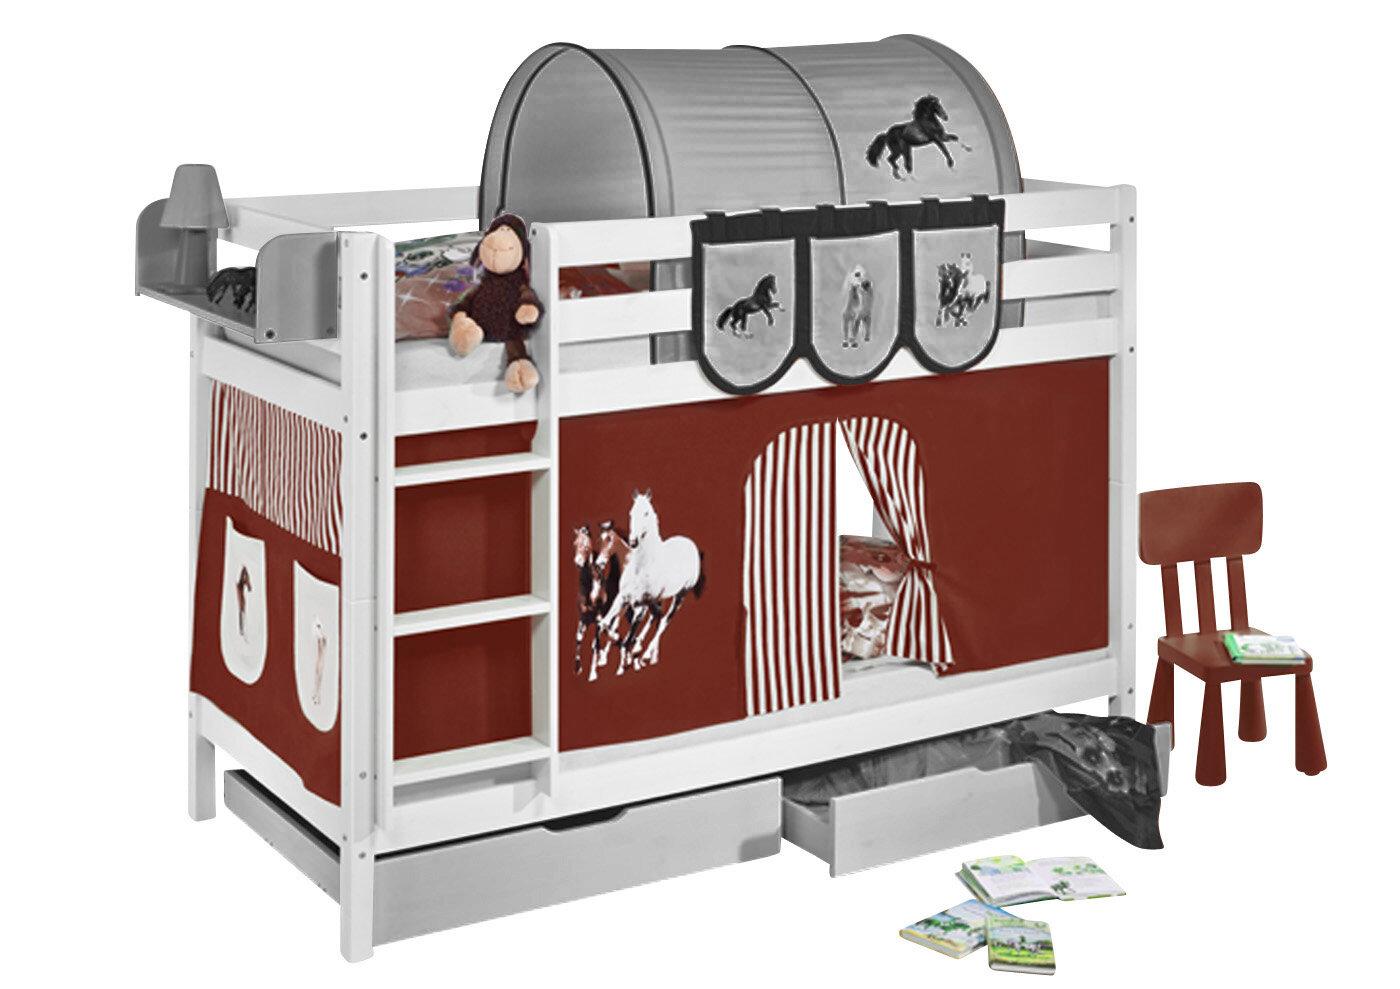 Etagenbett Wayfair : Lilokids etagenbett pferde mit schubladen und hochbettvorhang 90cm